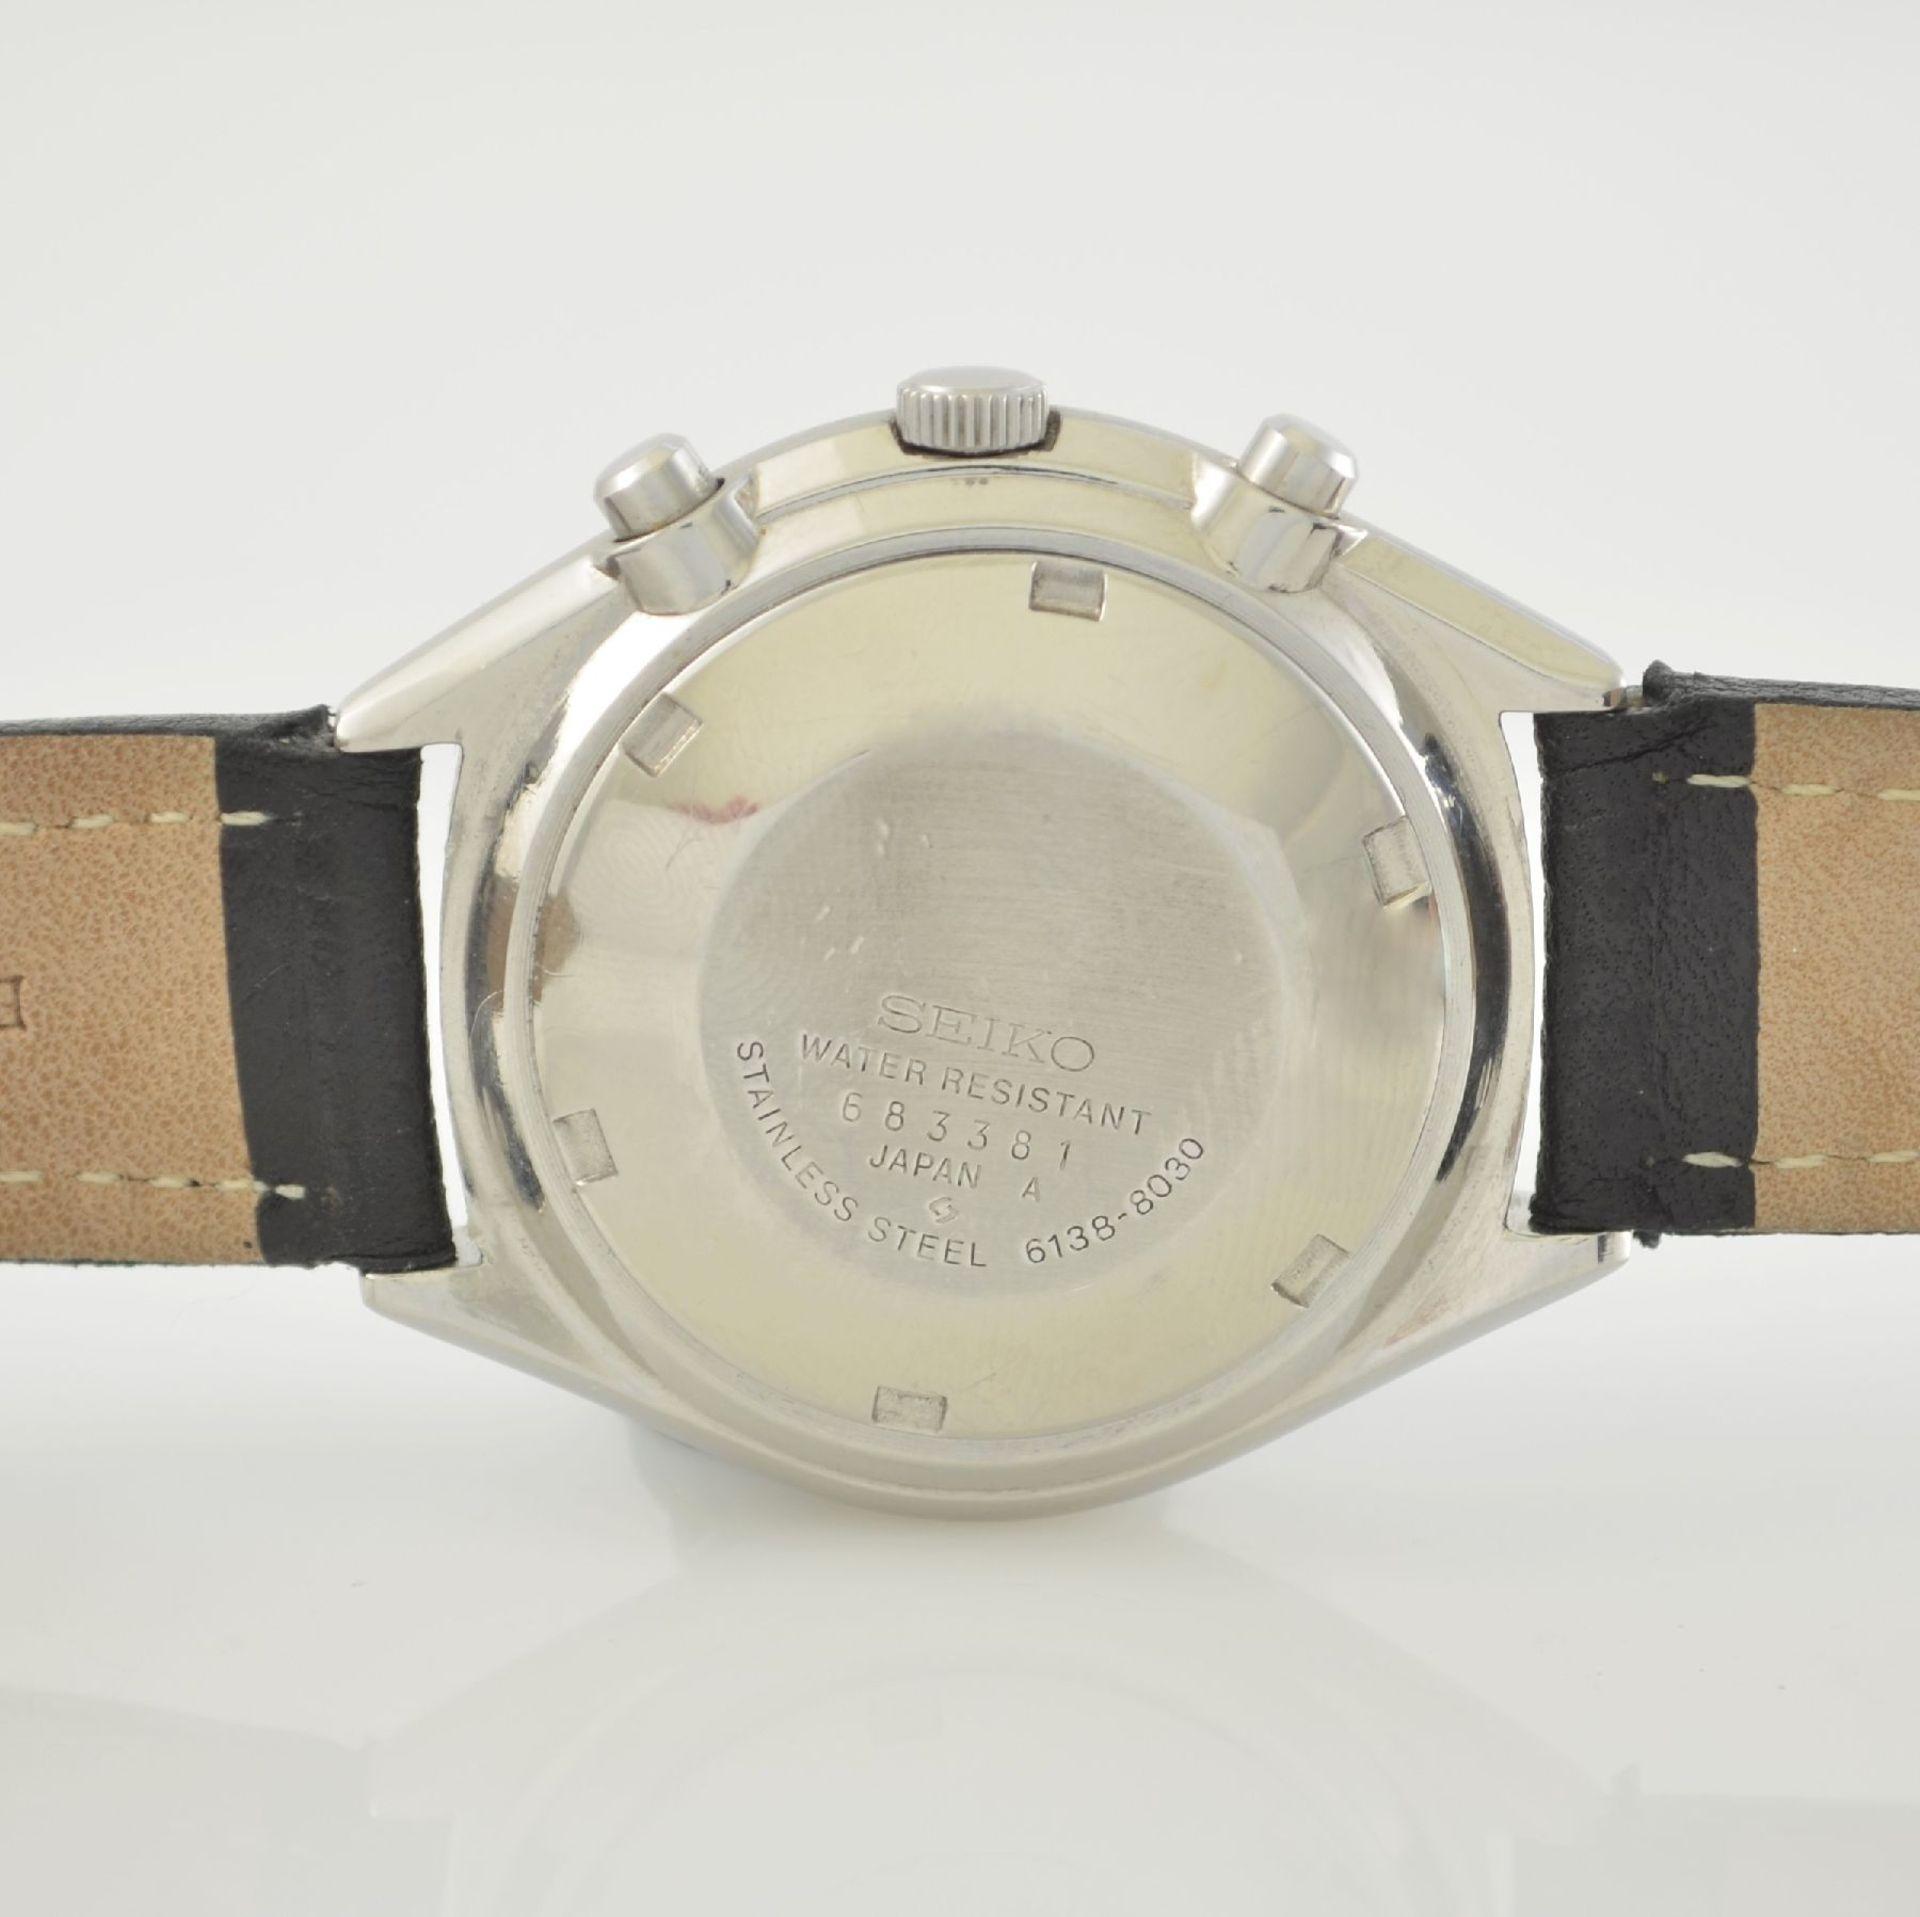 SEIKO Herrenarmbanduhr mit Schaltradchronograph in Stahl, Japan um 1975, Automatik, verschr. Geh. - Bild 5 aus 9